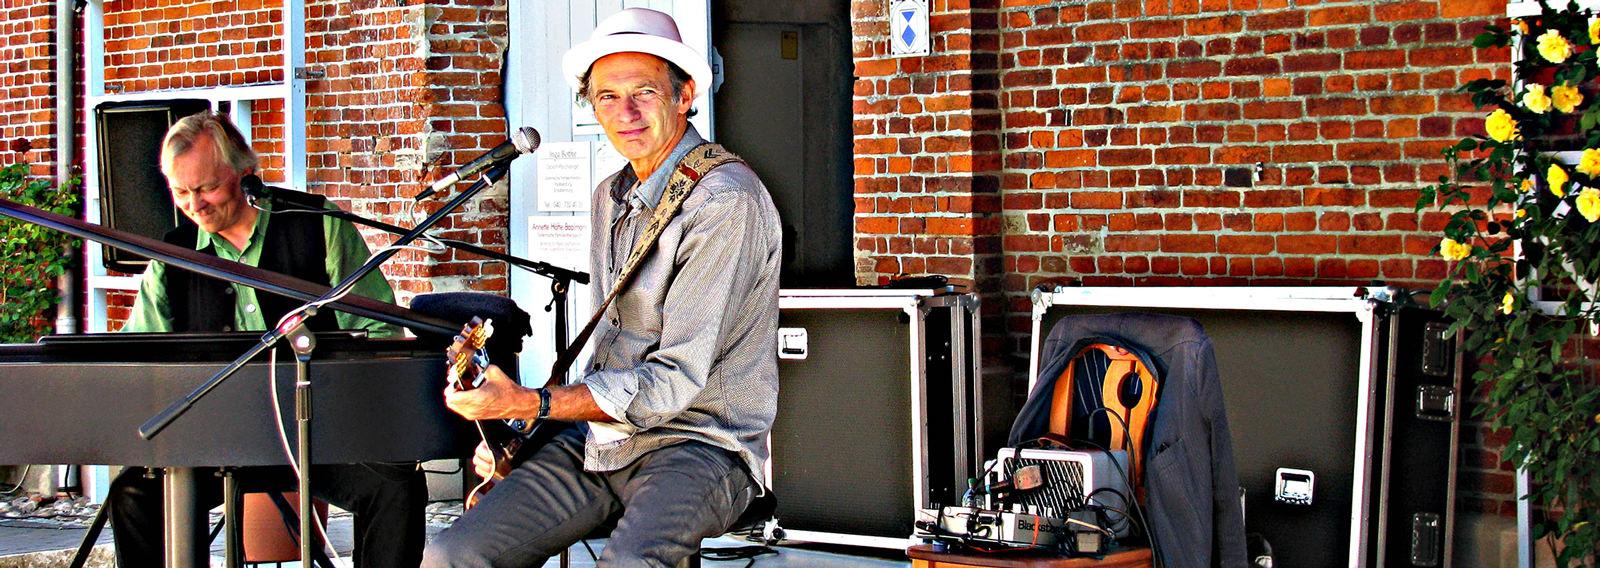 Anfertigung eines Hutes für den Musiker Abi Wallenstein der Hutmacherin Birke Breckwoldt